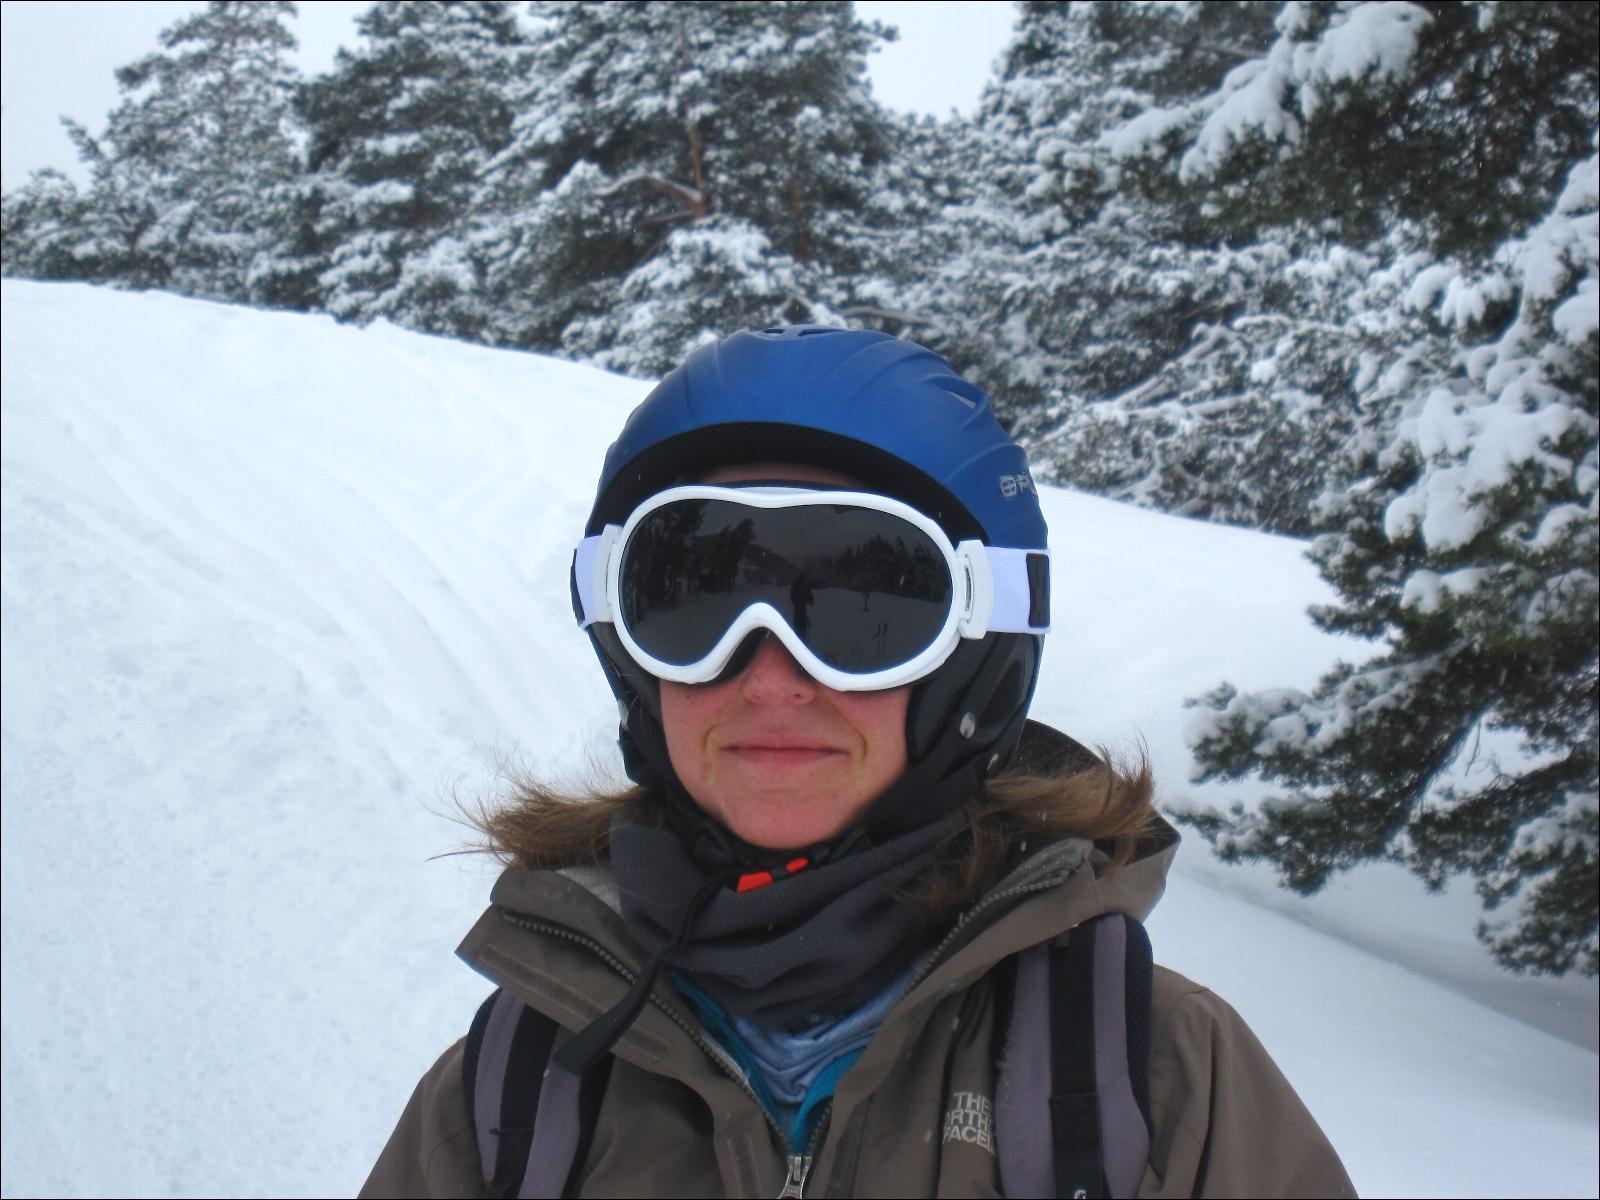 Masque de ski demetz panora ecran polaris photochromique for Ecran photochromique